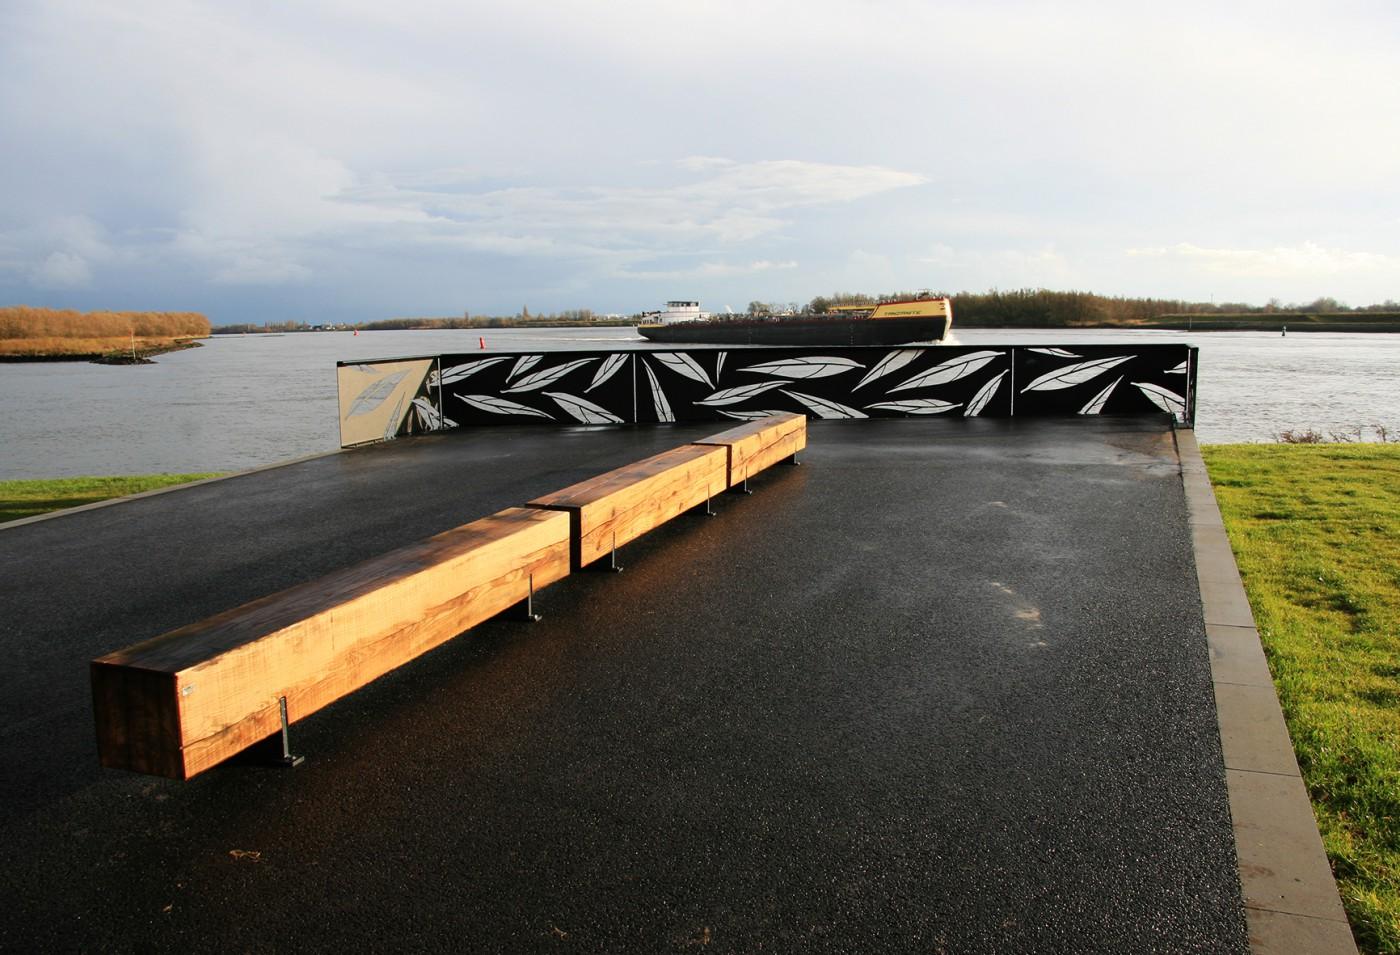 buro-sant-en-co-landschapsarchitectuur-johannapolder-albrandswaard-brug-bank